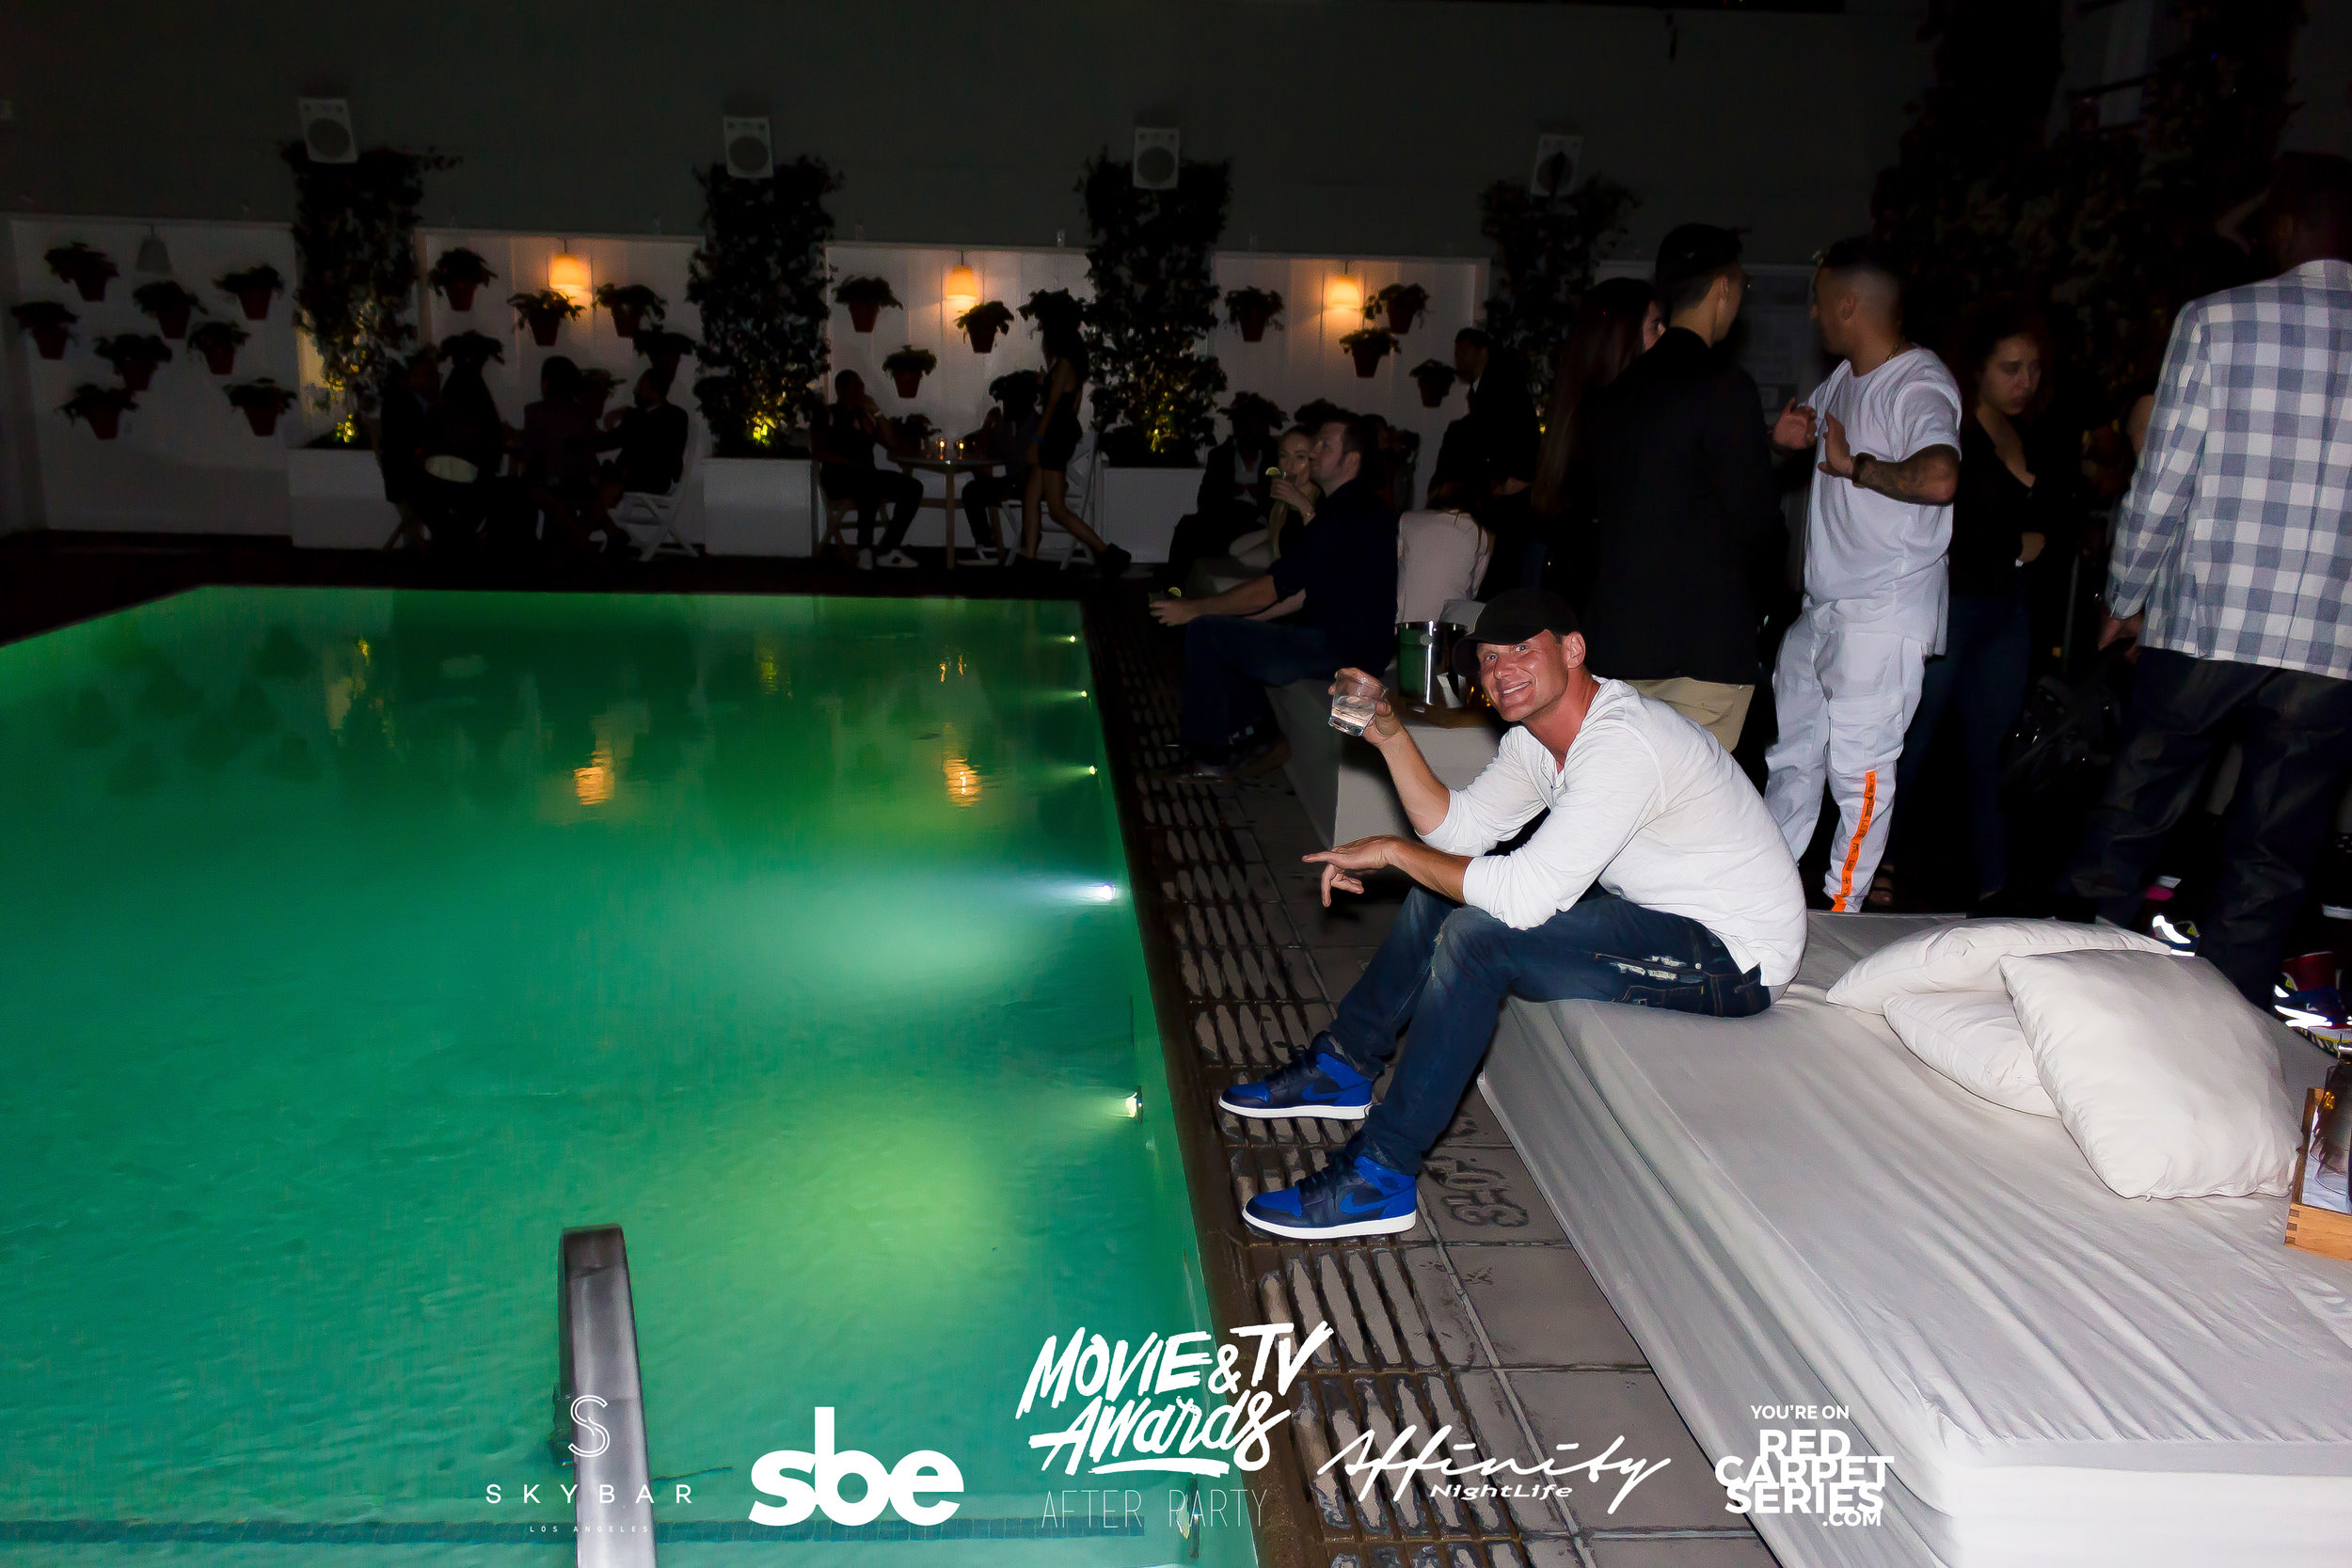 Affinity Nightlife MTV Movie & TV Awards After Party - Skybar at Mondrian - 06-15-19 - Vol. 2_141.jpg